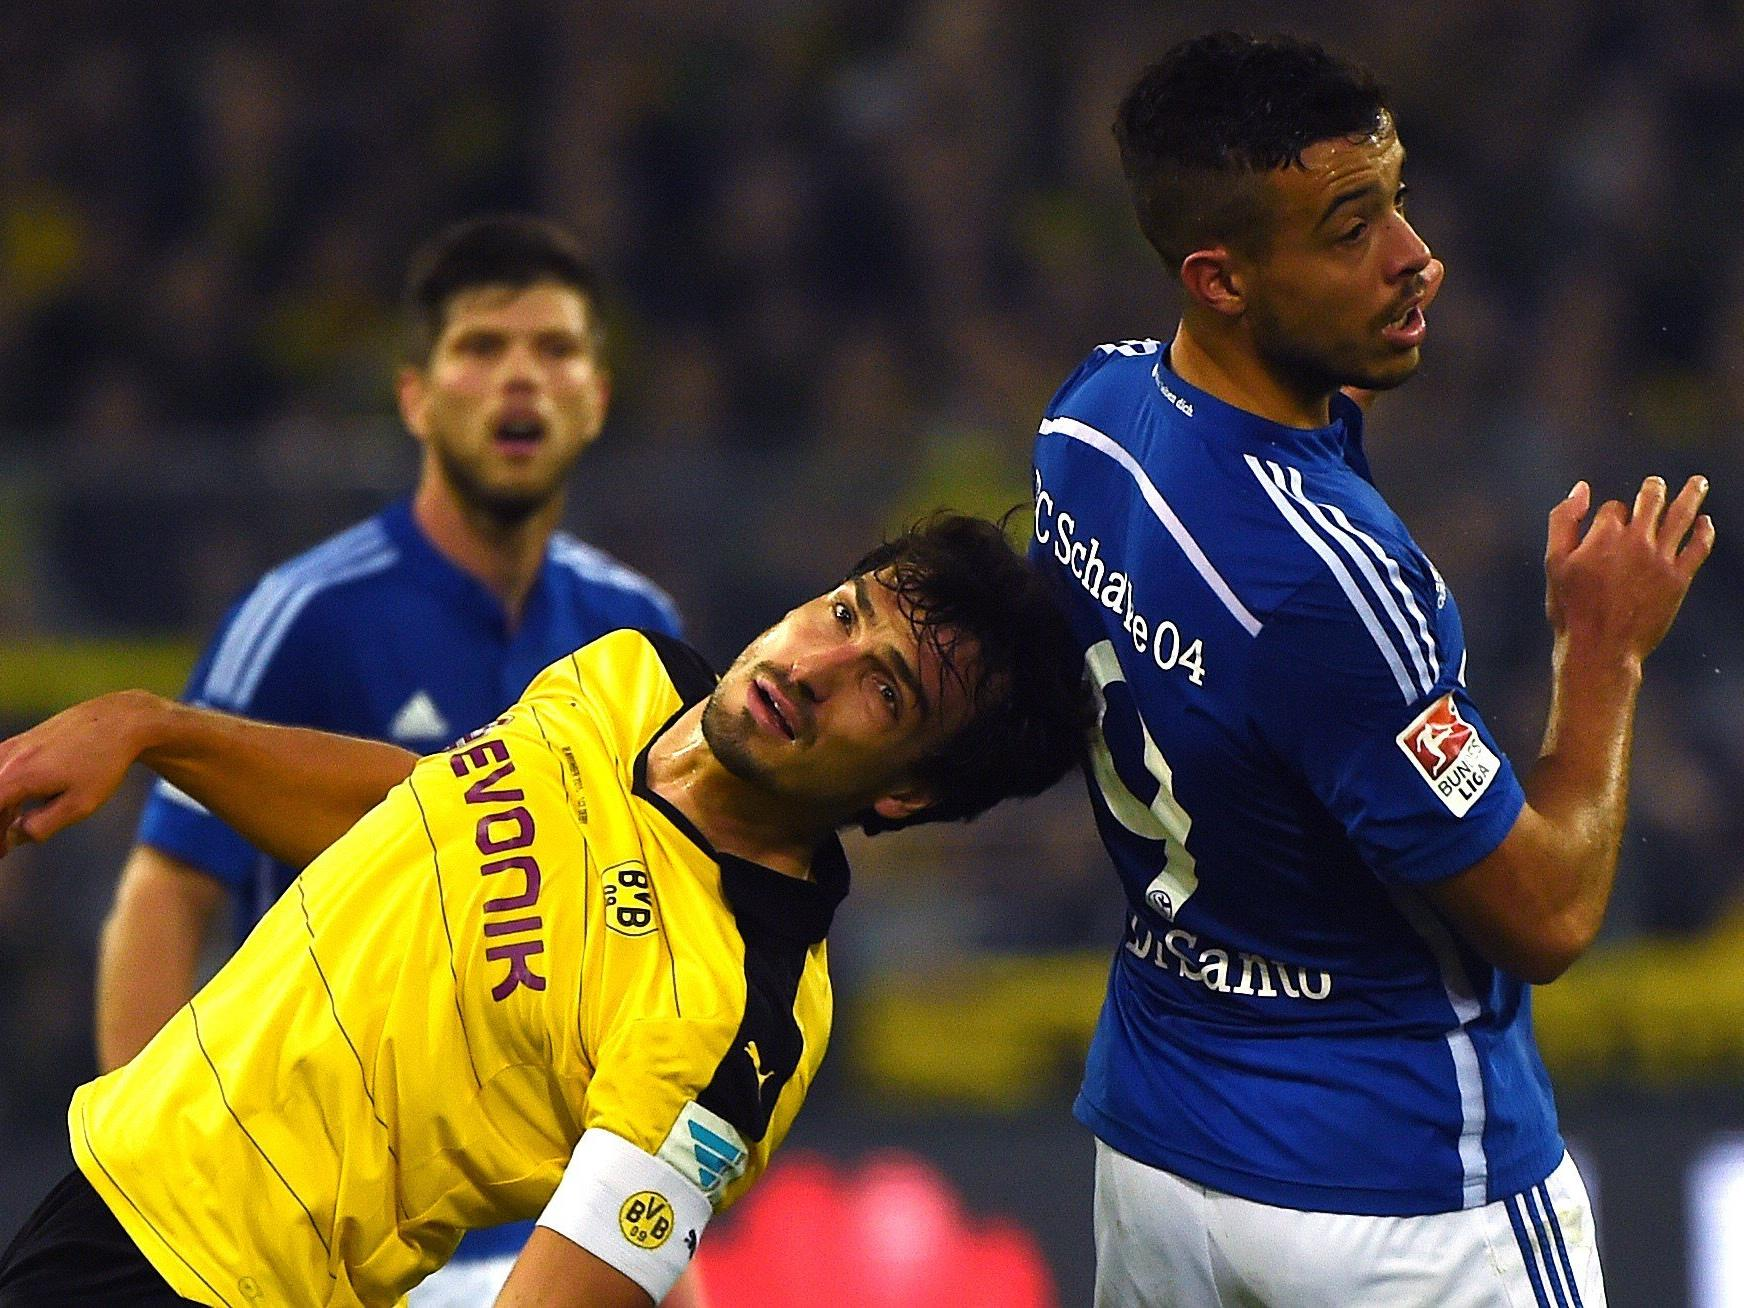 Am Sonntag kommt es in der Schalke-Arena zum Revierderby.